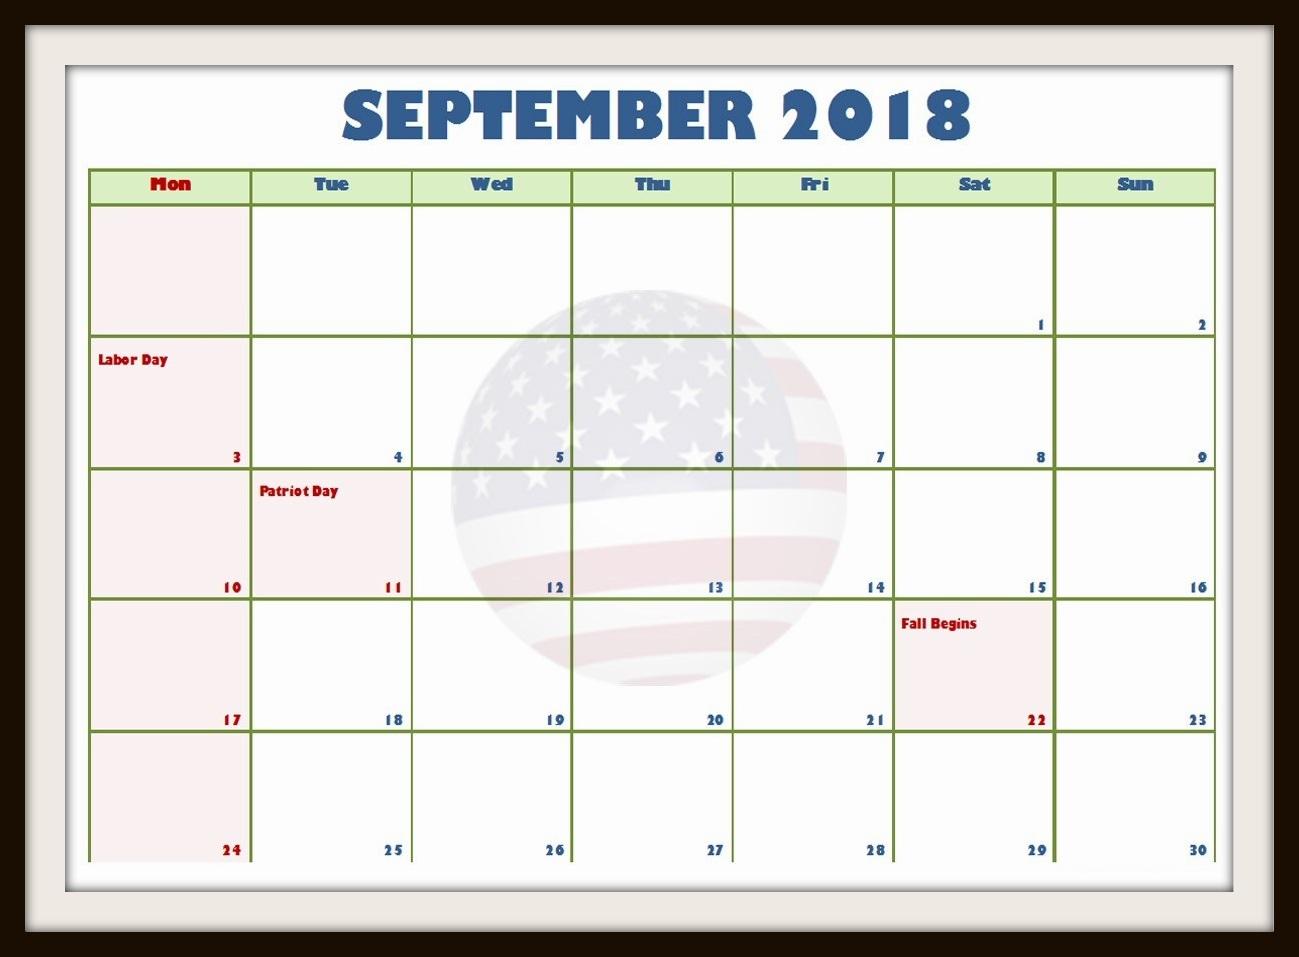 2018 September Blank Calendar